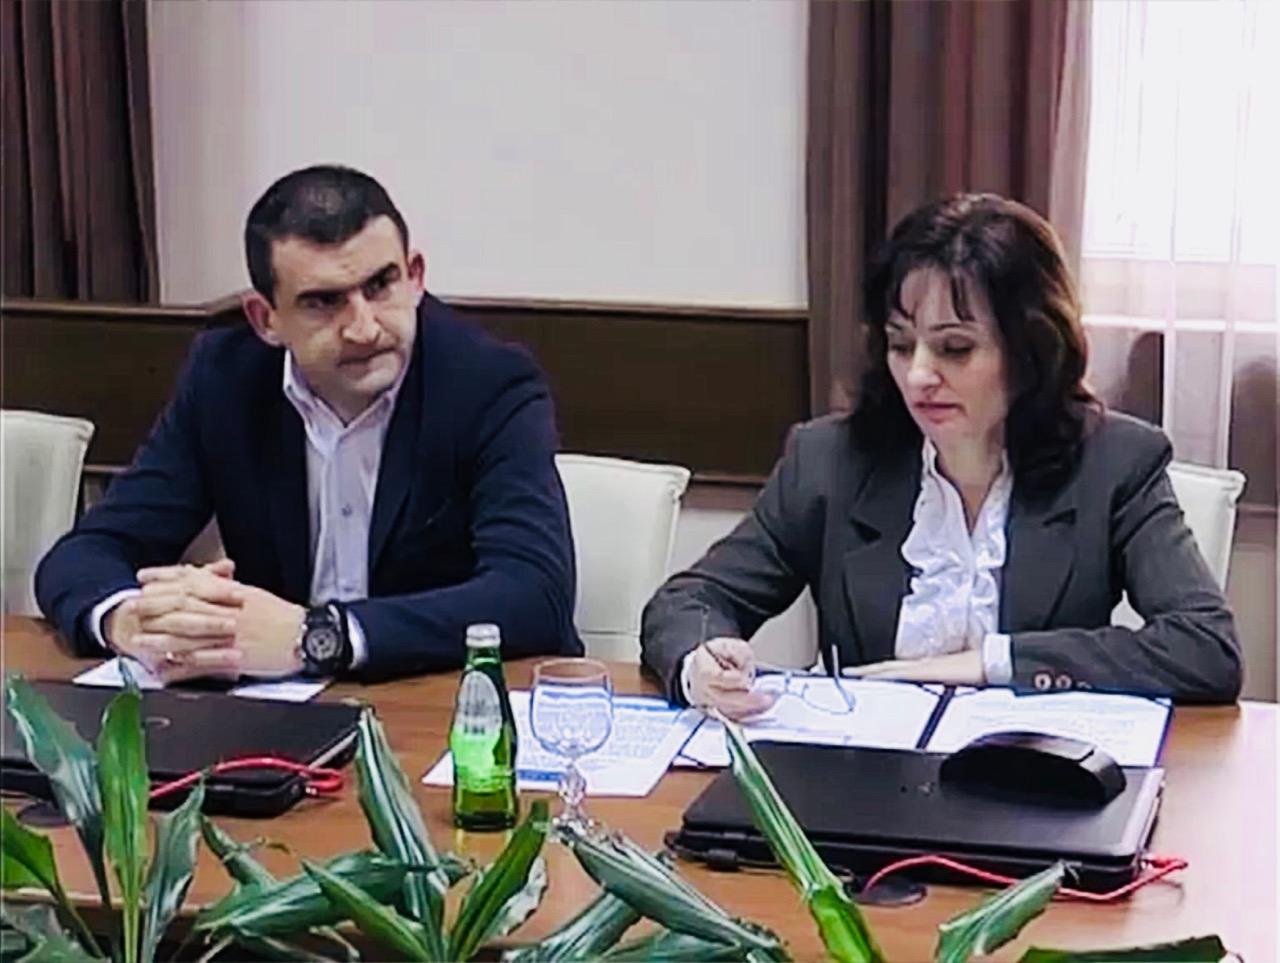 Photo of Bratislav Ćirić na sastanku Skupštine mreže CIVINET u Kruševcu